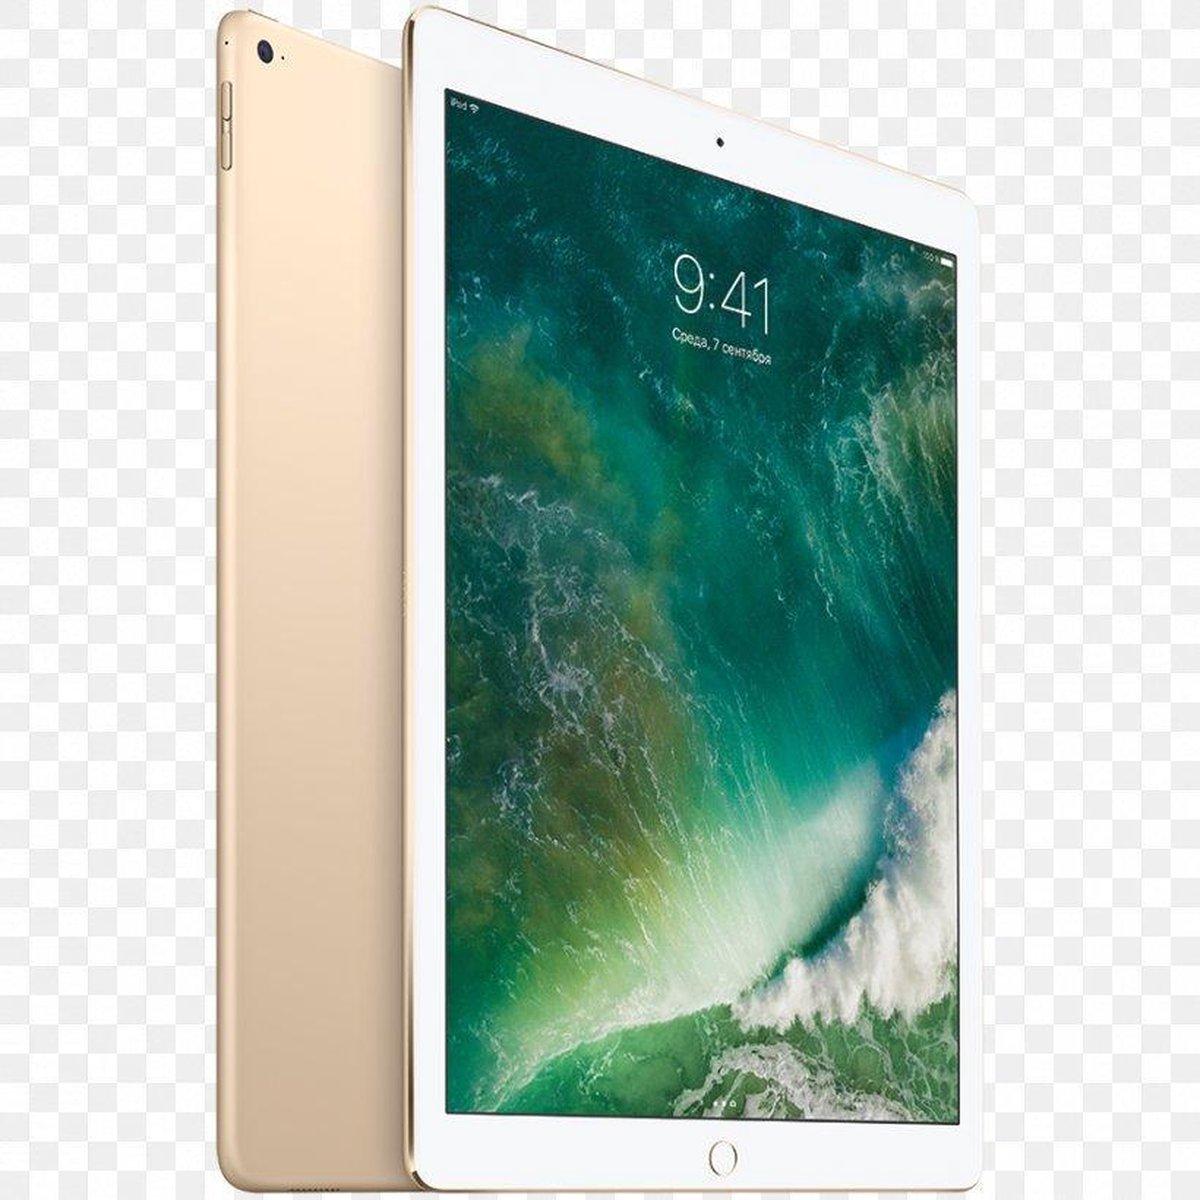 iPad Mini 4 16GB Goud Wifi only | Zichtbaar gebruikt | C grade | 2 Jaar Garantie